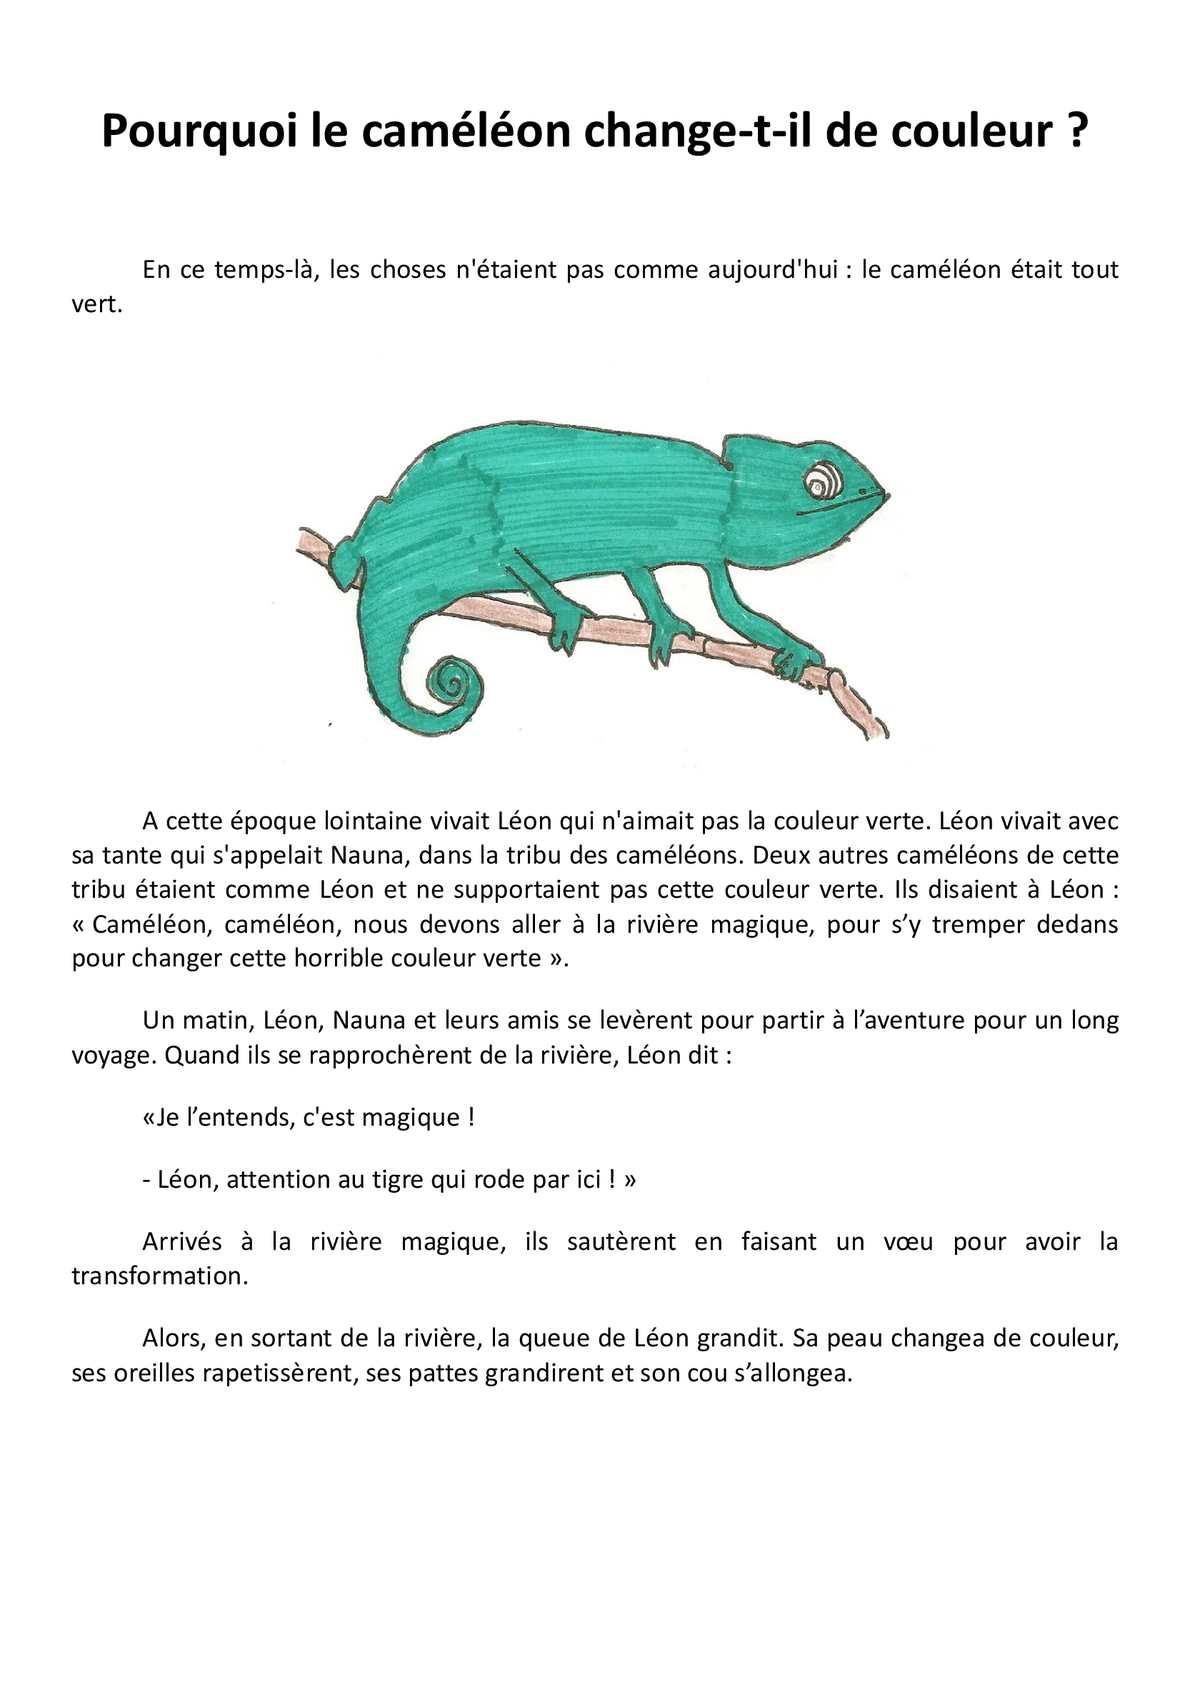 Animal Qui Change De Couleur : animal, change, couleur, Calaméo, Conte, Lauriciane